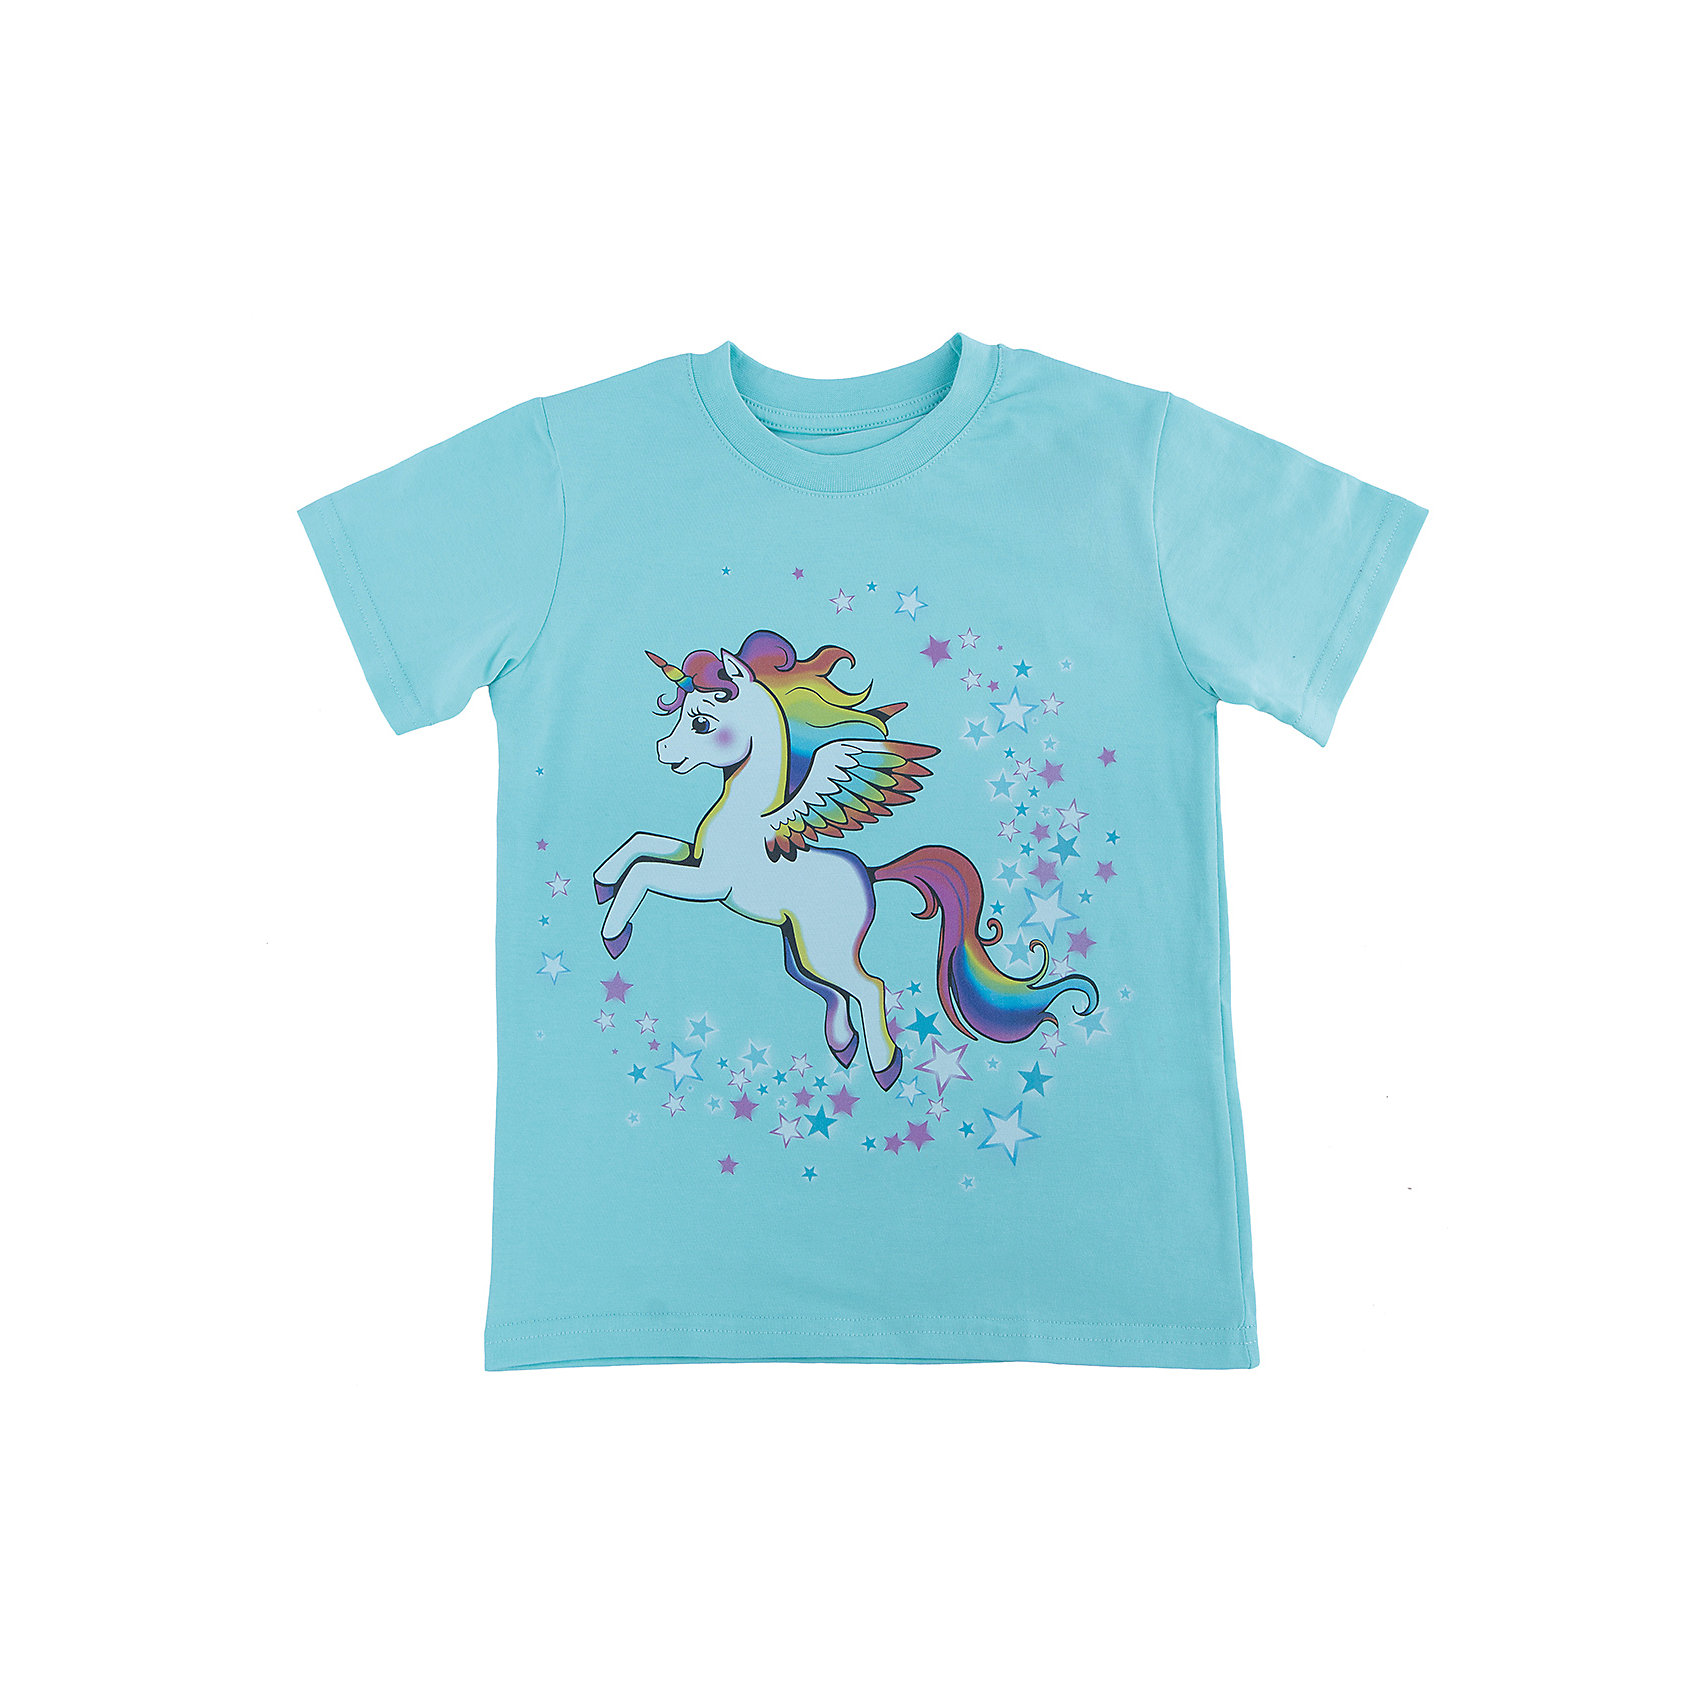 Футболка для девочки WOWФутболки, поло и топы<br>Футболка для девочки WOW<br>Незаменимой вещью в  гардеробе послужит футболка с коротким рукавом. Стильная и в тоже время комфортная модель, с яркой оригинальной печатью, будет превосходно смотреться на ребенке.<br>Состав:<br>кулирная гладь 100% хлопок<br><br>Ширина мм: 199<br>Глубина мм: 10<br>Высота мм: 161<br>Вес г: 151<br>Цвет: голубой<br>Возраст от месяцев: 72<br>Возраст до месяцев: 84<br>Пол: Женский<br>Возраст: Детский<br>Размер: 98,122,104,110,116<br>SKU: 6871745